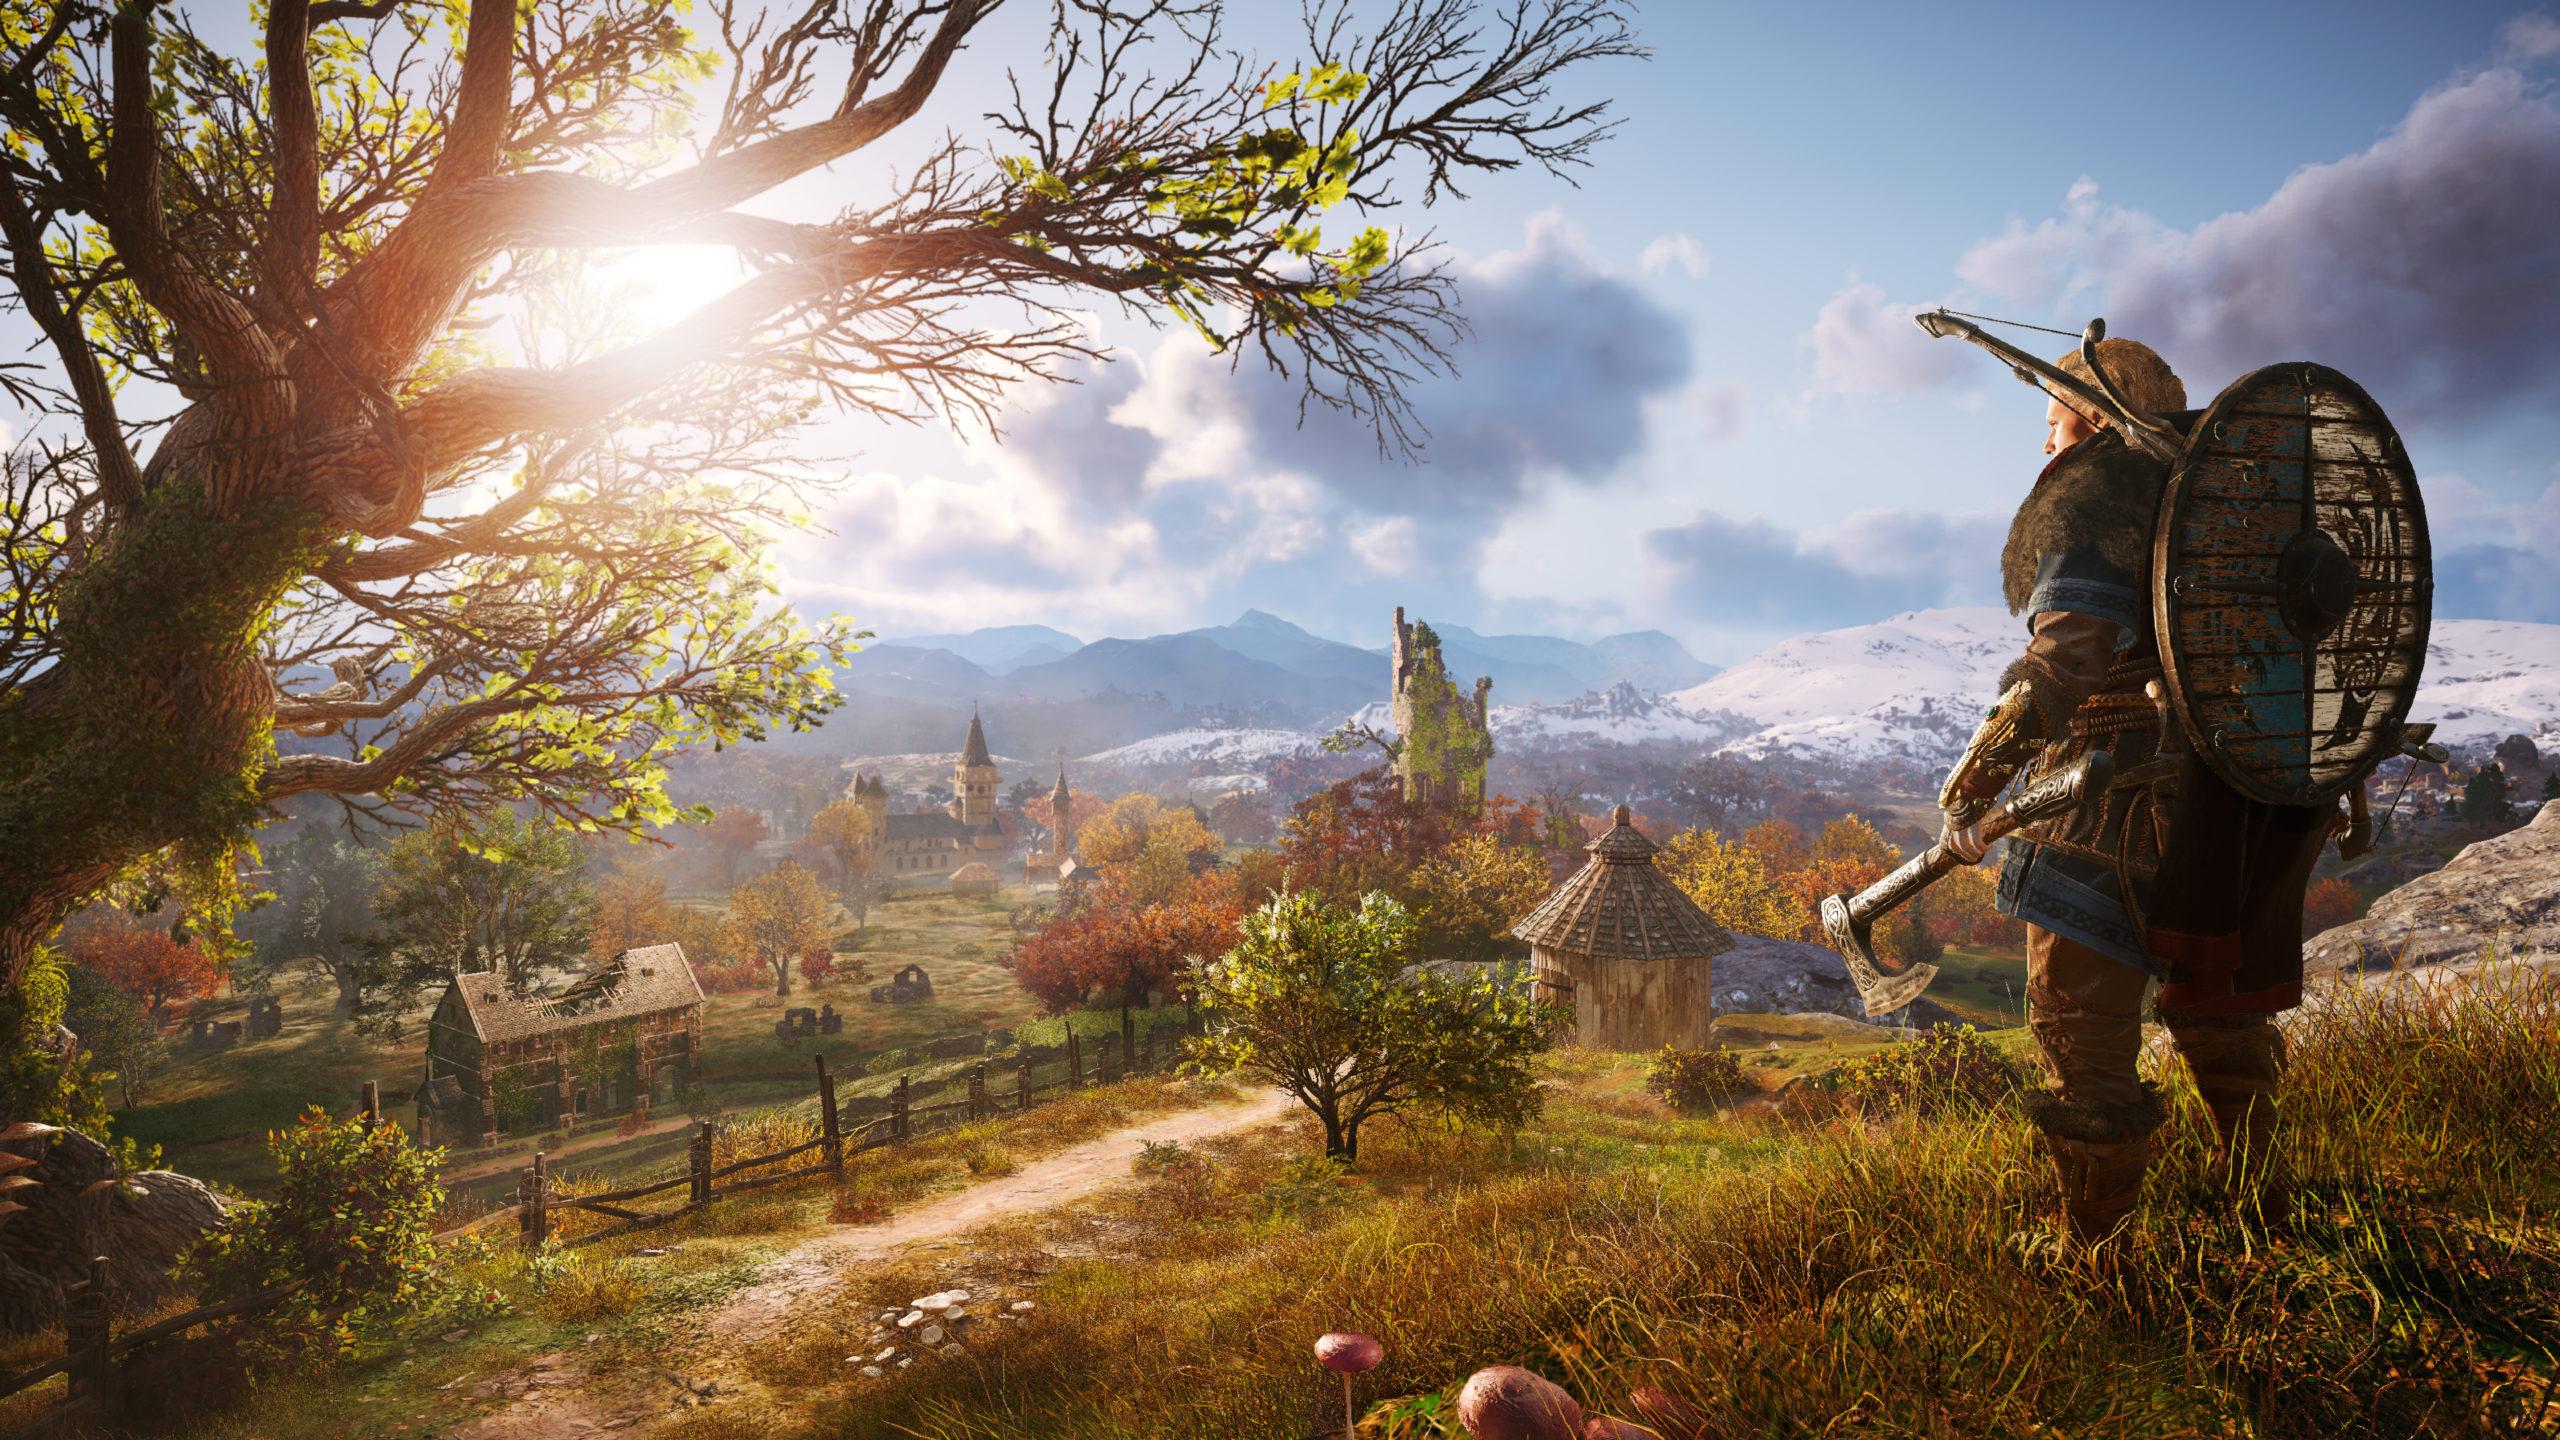 Une bonne partie du jeu tournera autour de la colonie que le clan d'Eivor souhaite établir sur les côtes anglaises